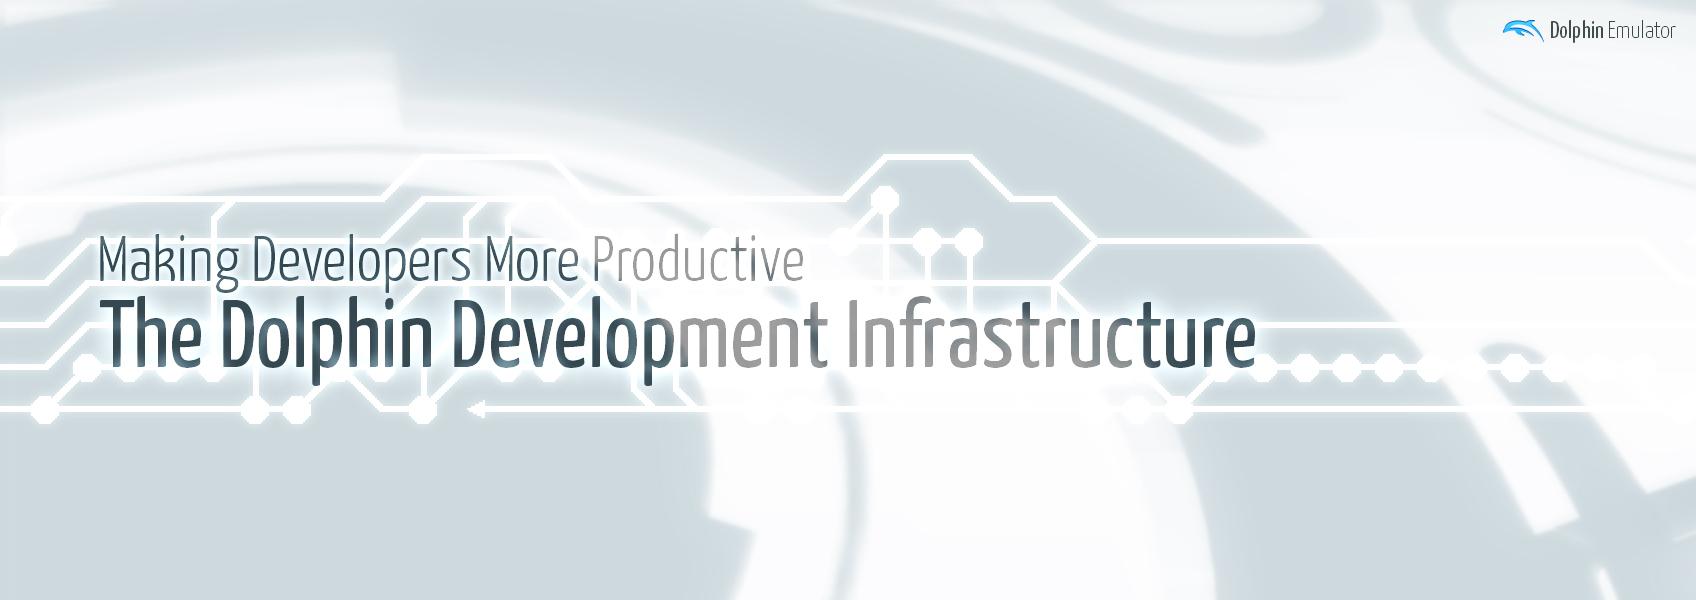 infrastructureheader.jpg